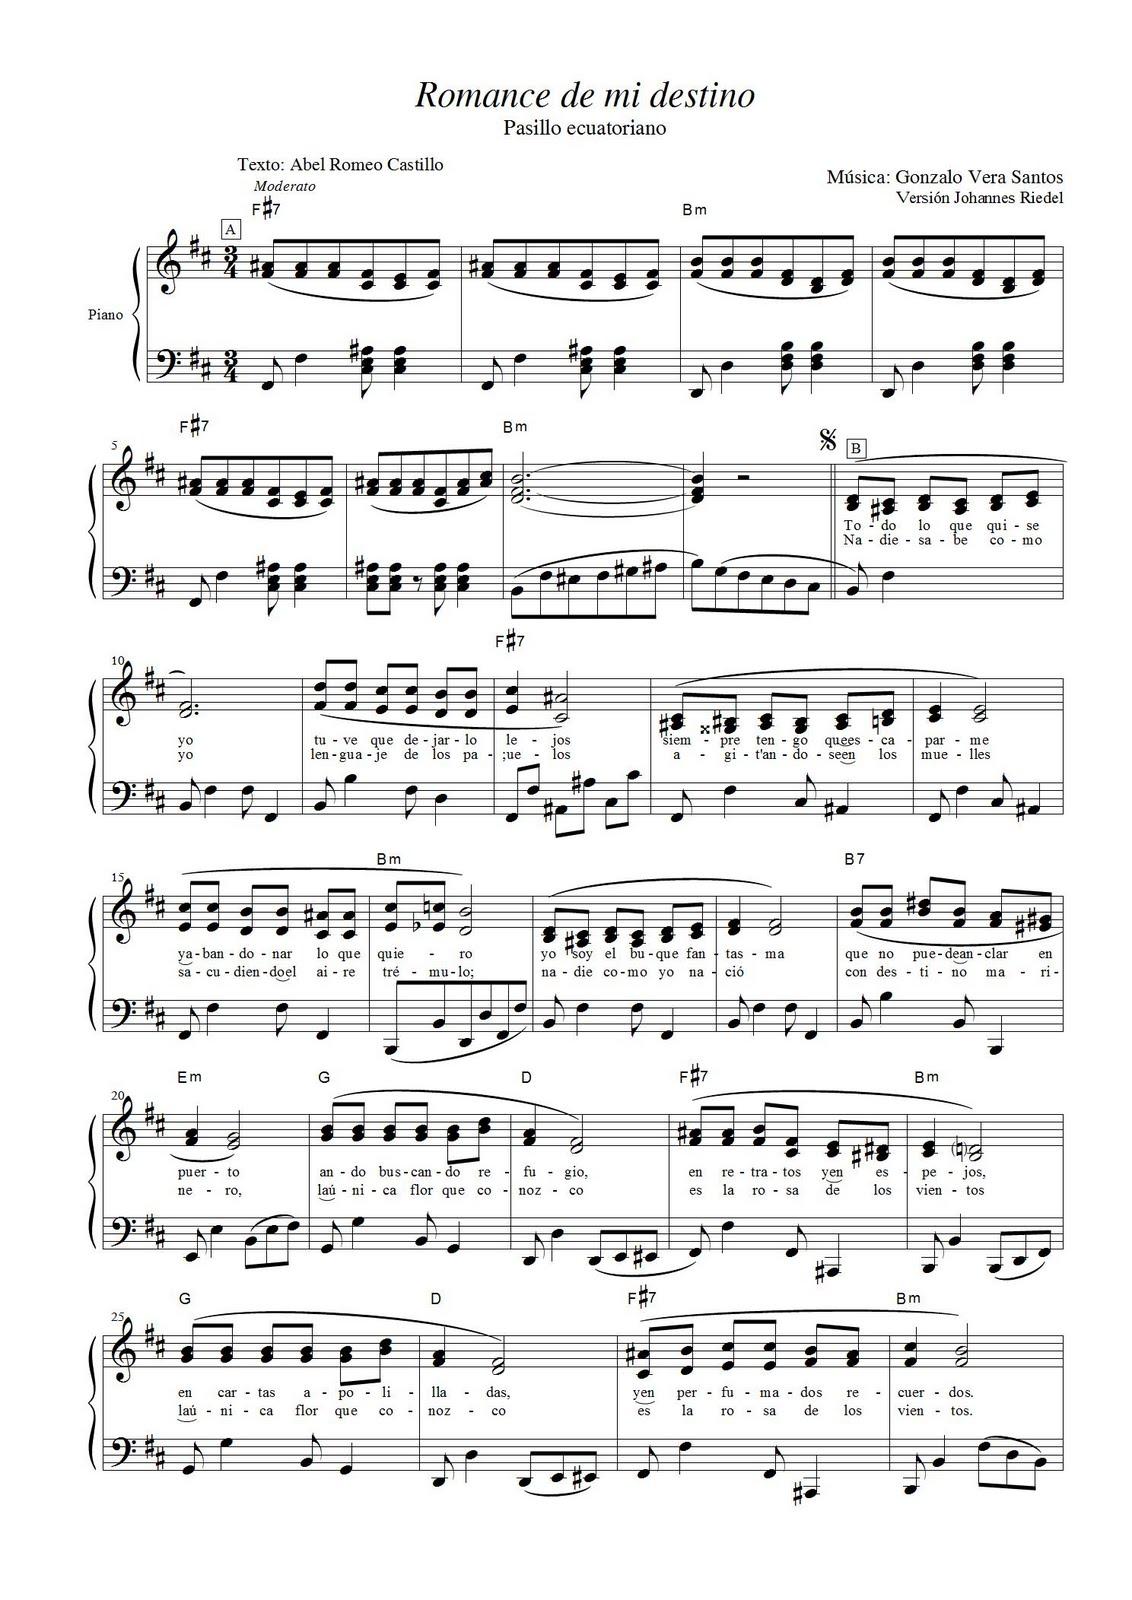 (Para ver e imprimir en formato grande dar un click sobre los gráficos de  las partituras)